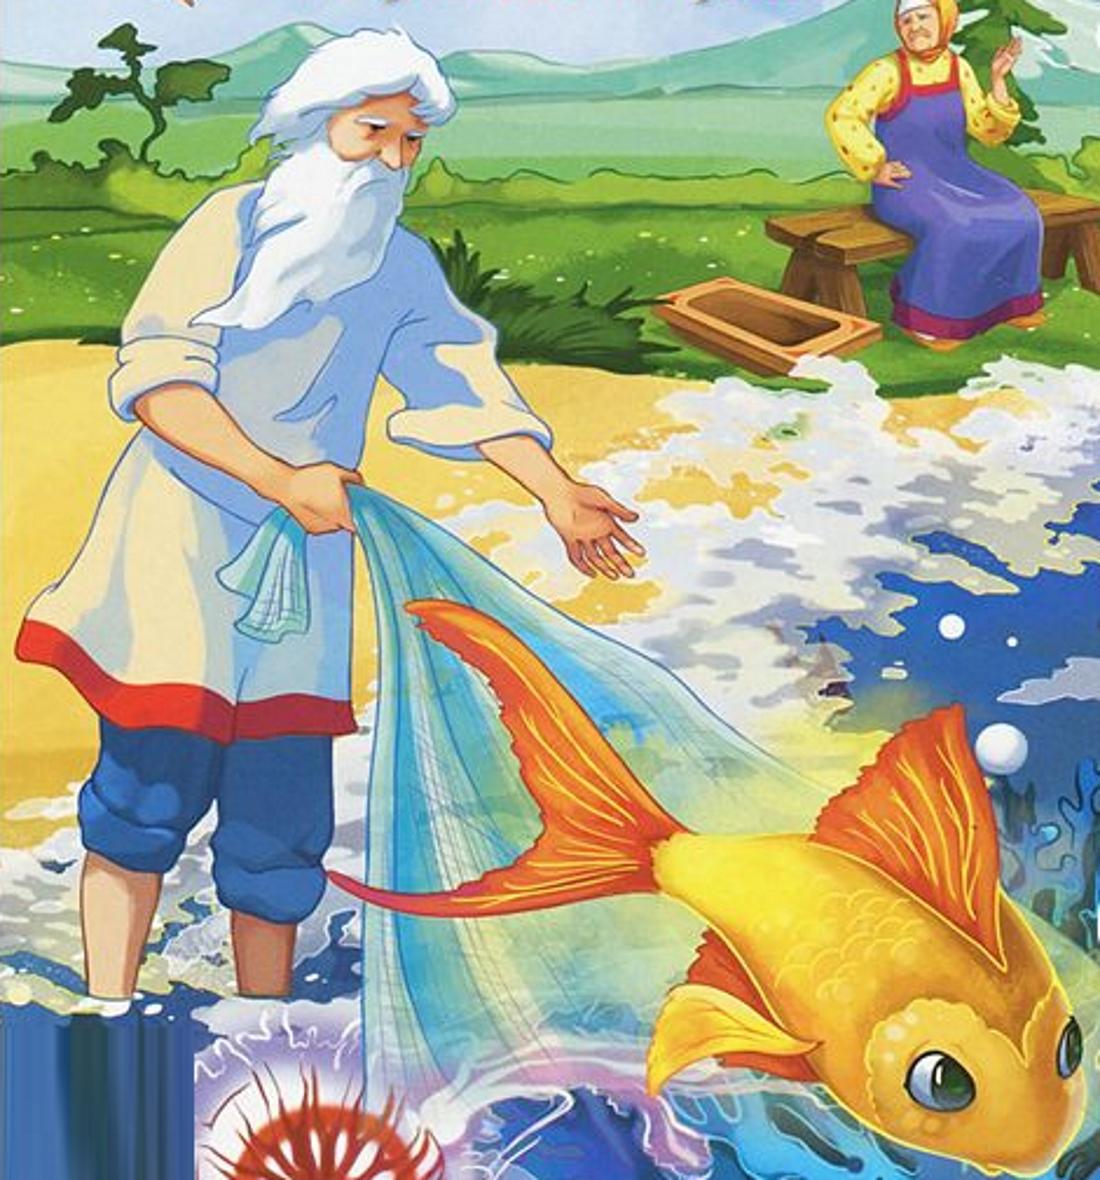 любят картинки про рыб из сказок чувашия это ухоженная